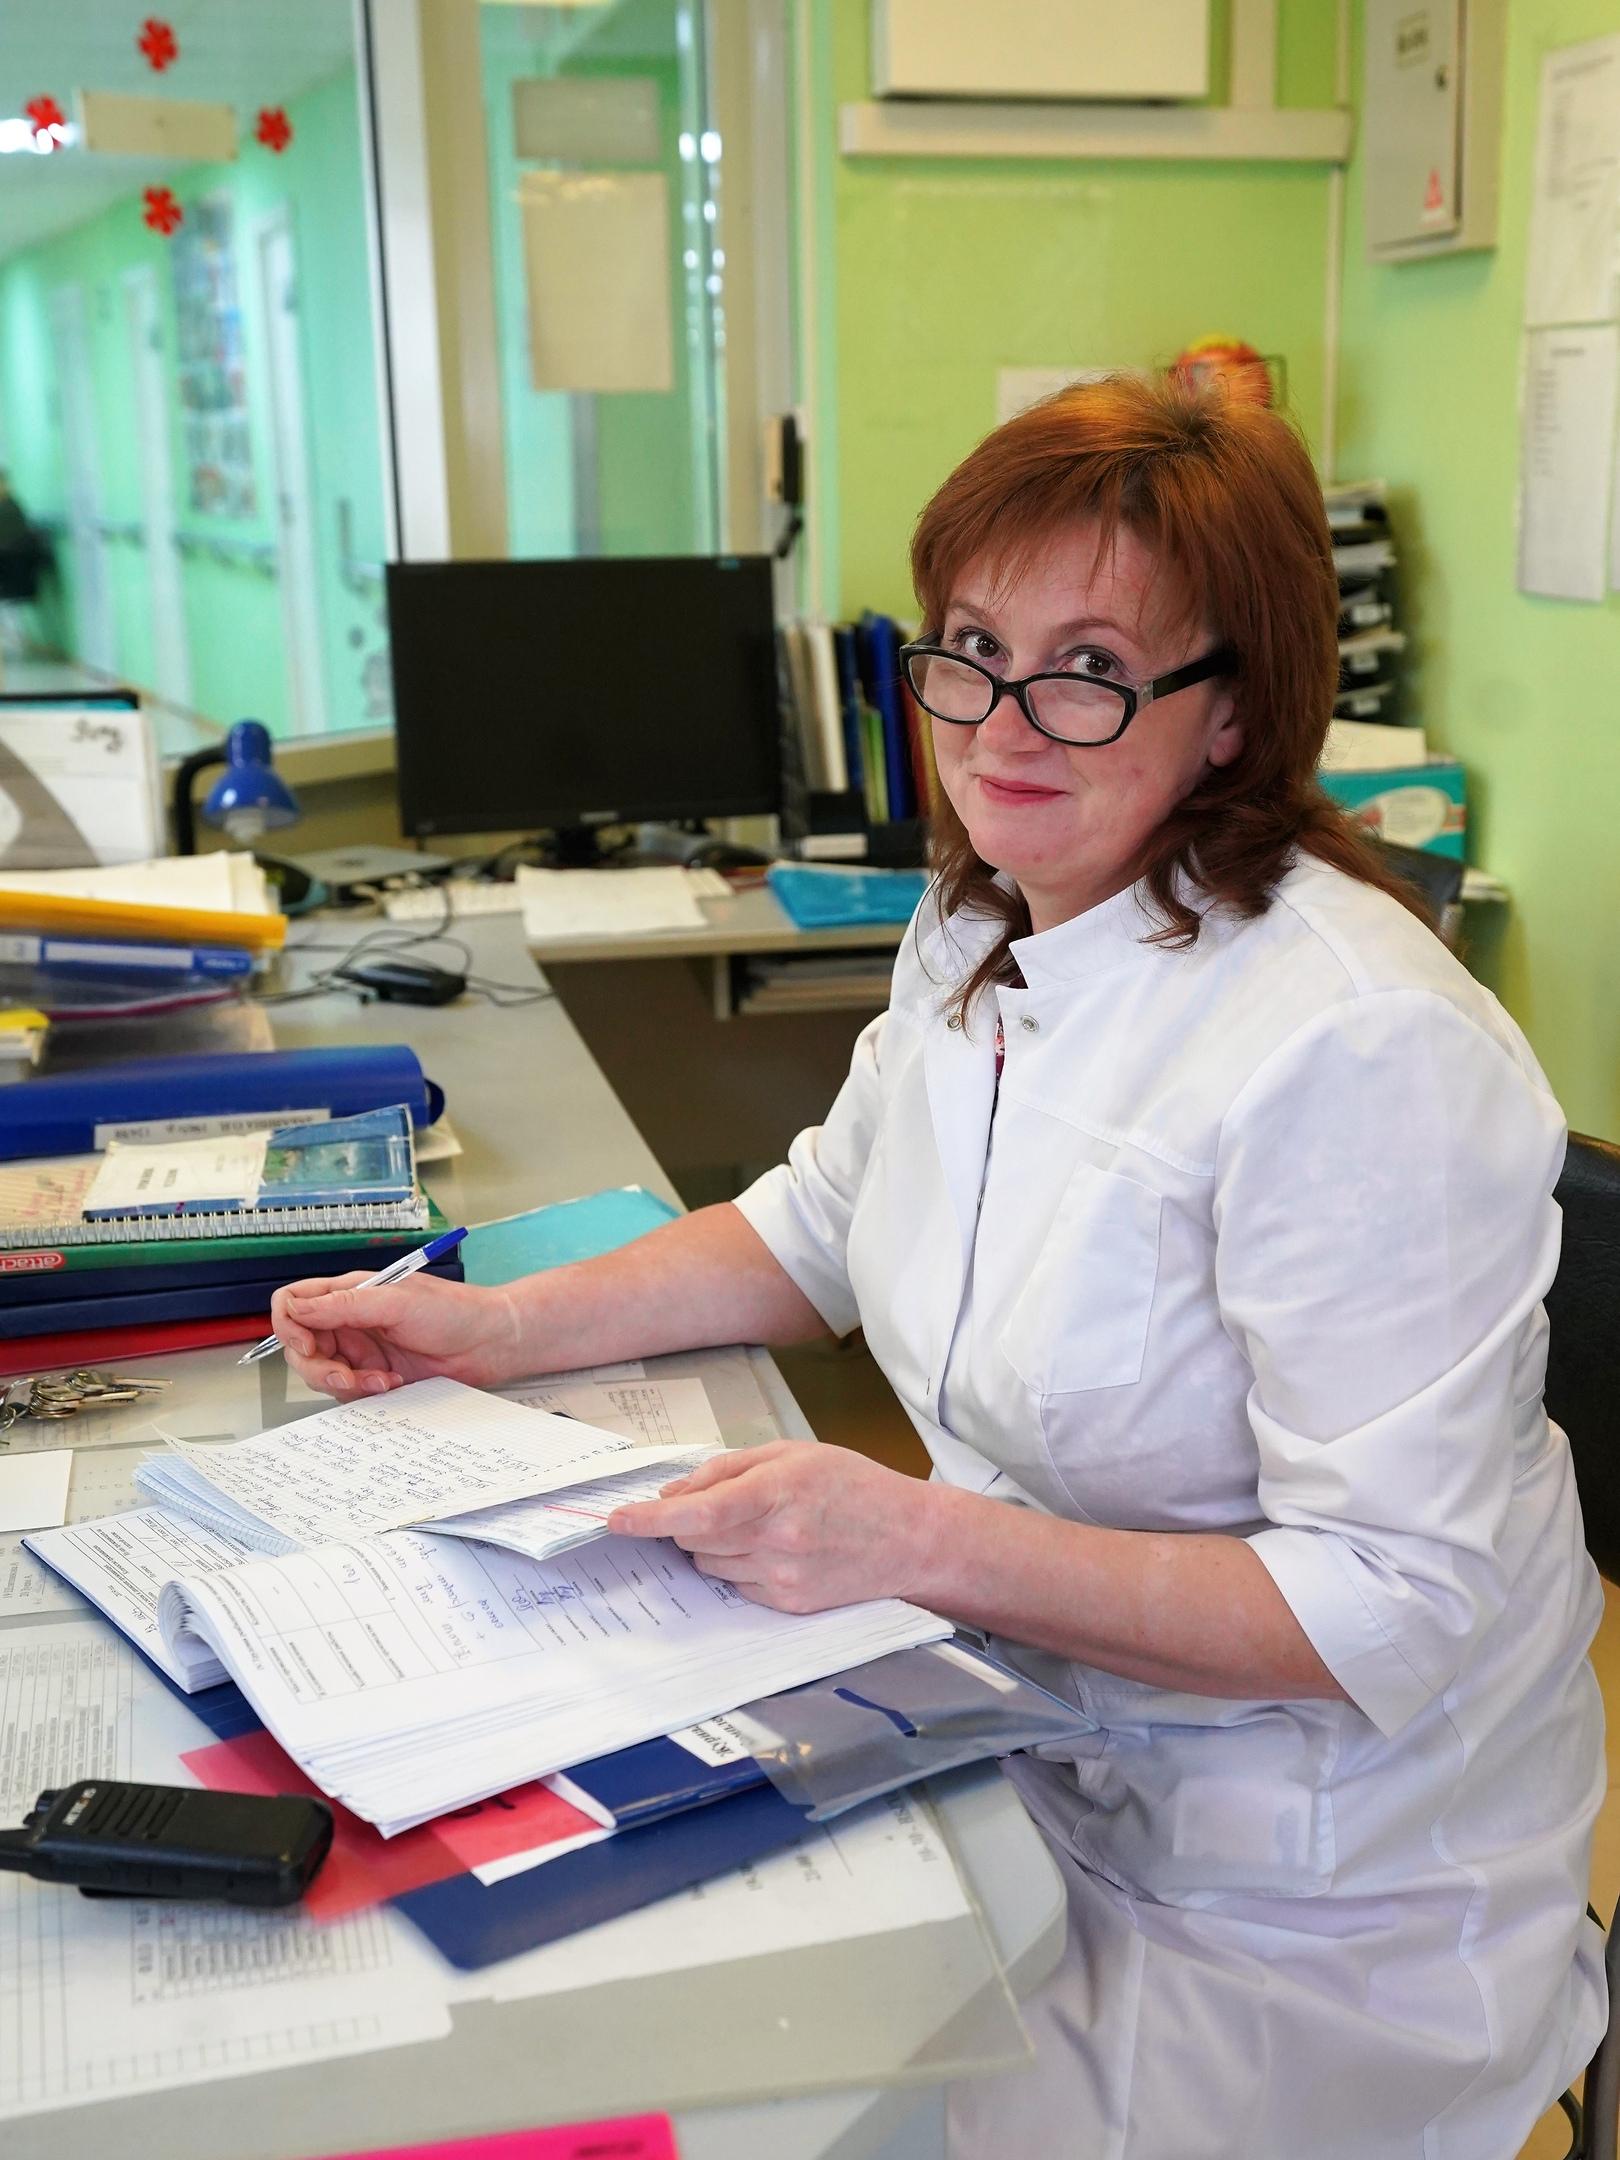 Совсем скоро, 8 июня, справляется день социального работника в России.